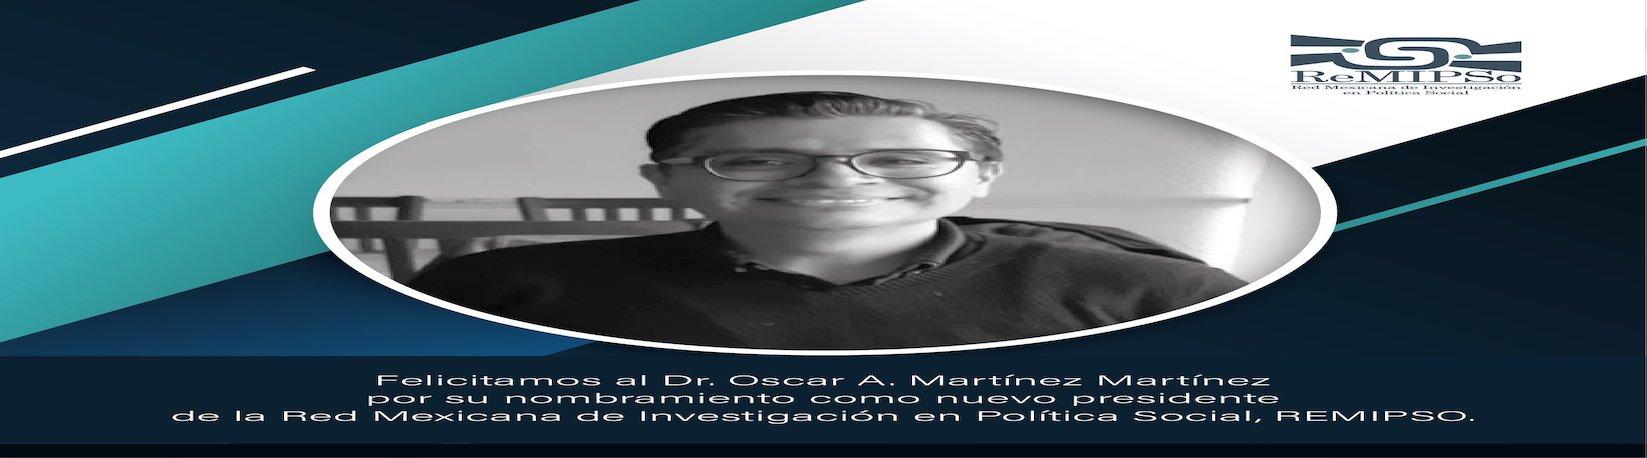 El Dr. Óscar Martínez, presidente de la Red Mexicana de Investigación en Política Social